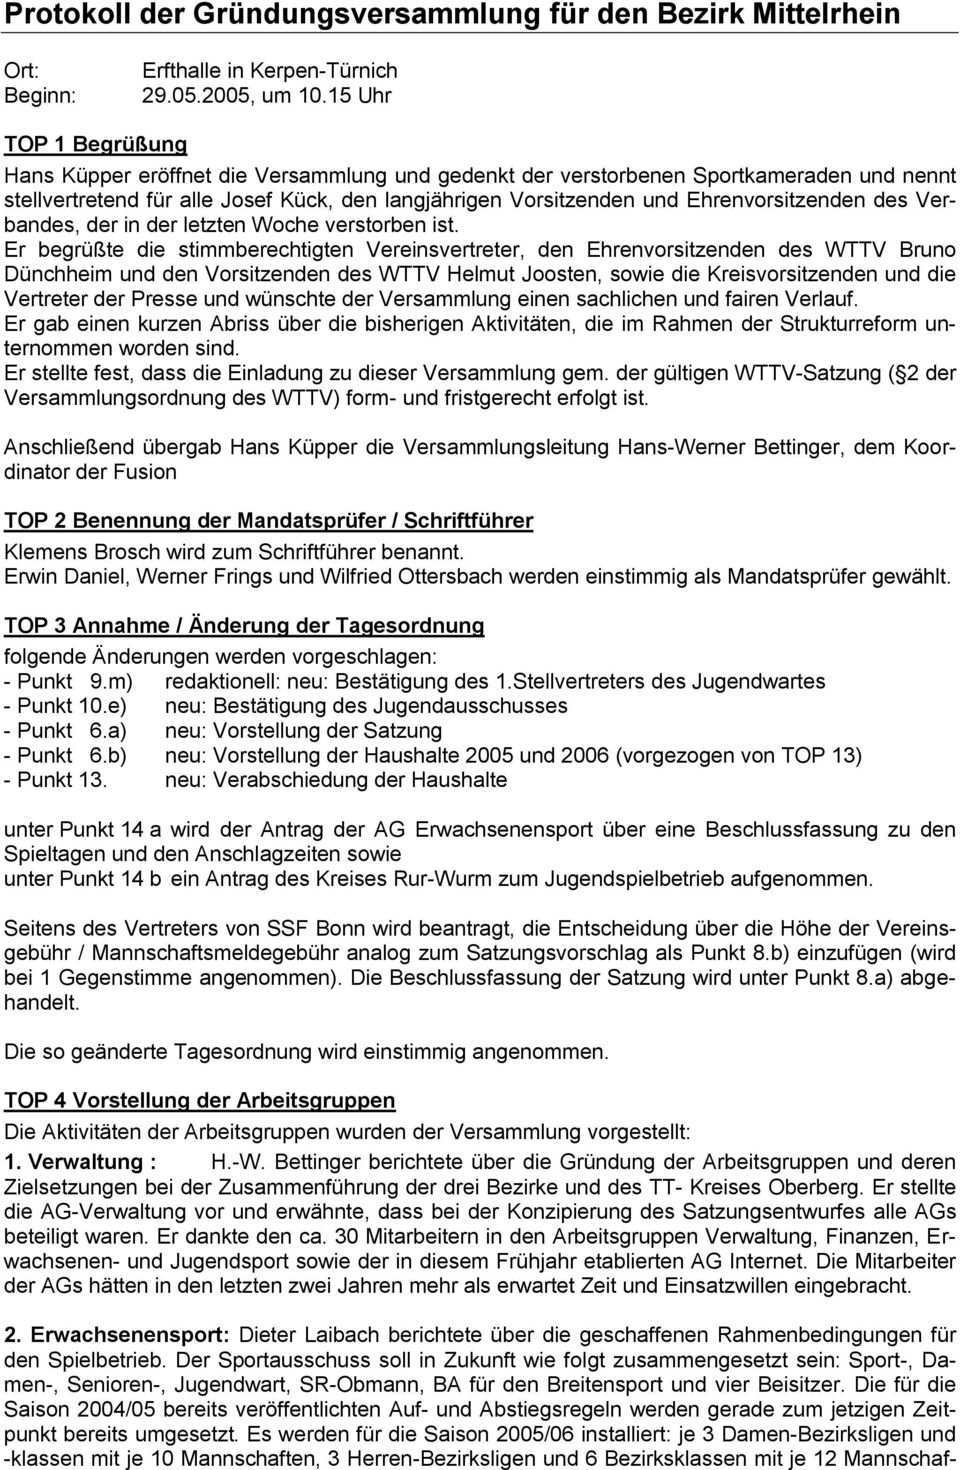 Protokoll Der Grundungsversammlung Fur Den Bezirk Mittelrhein Pdf Kostenfreier Download